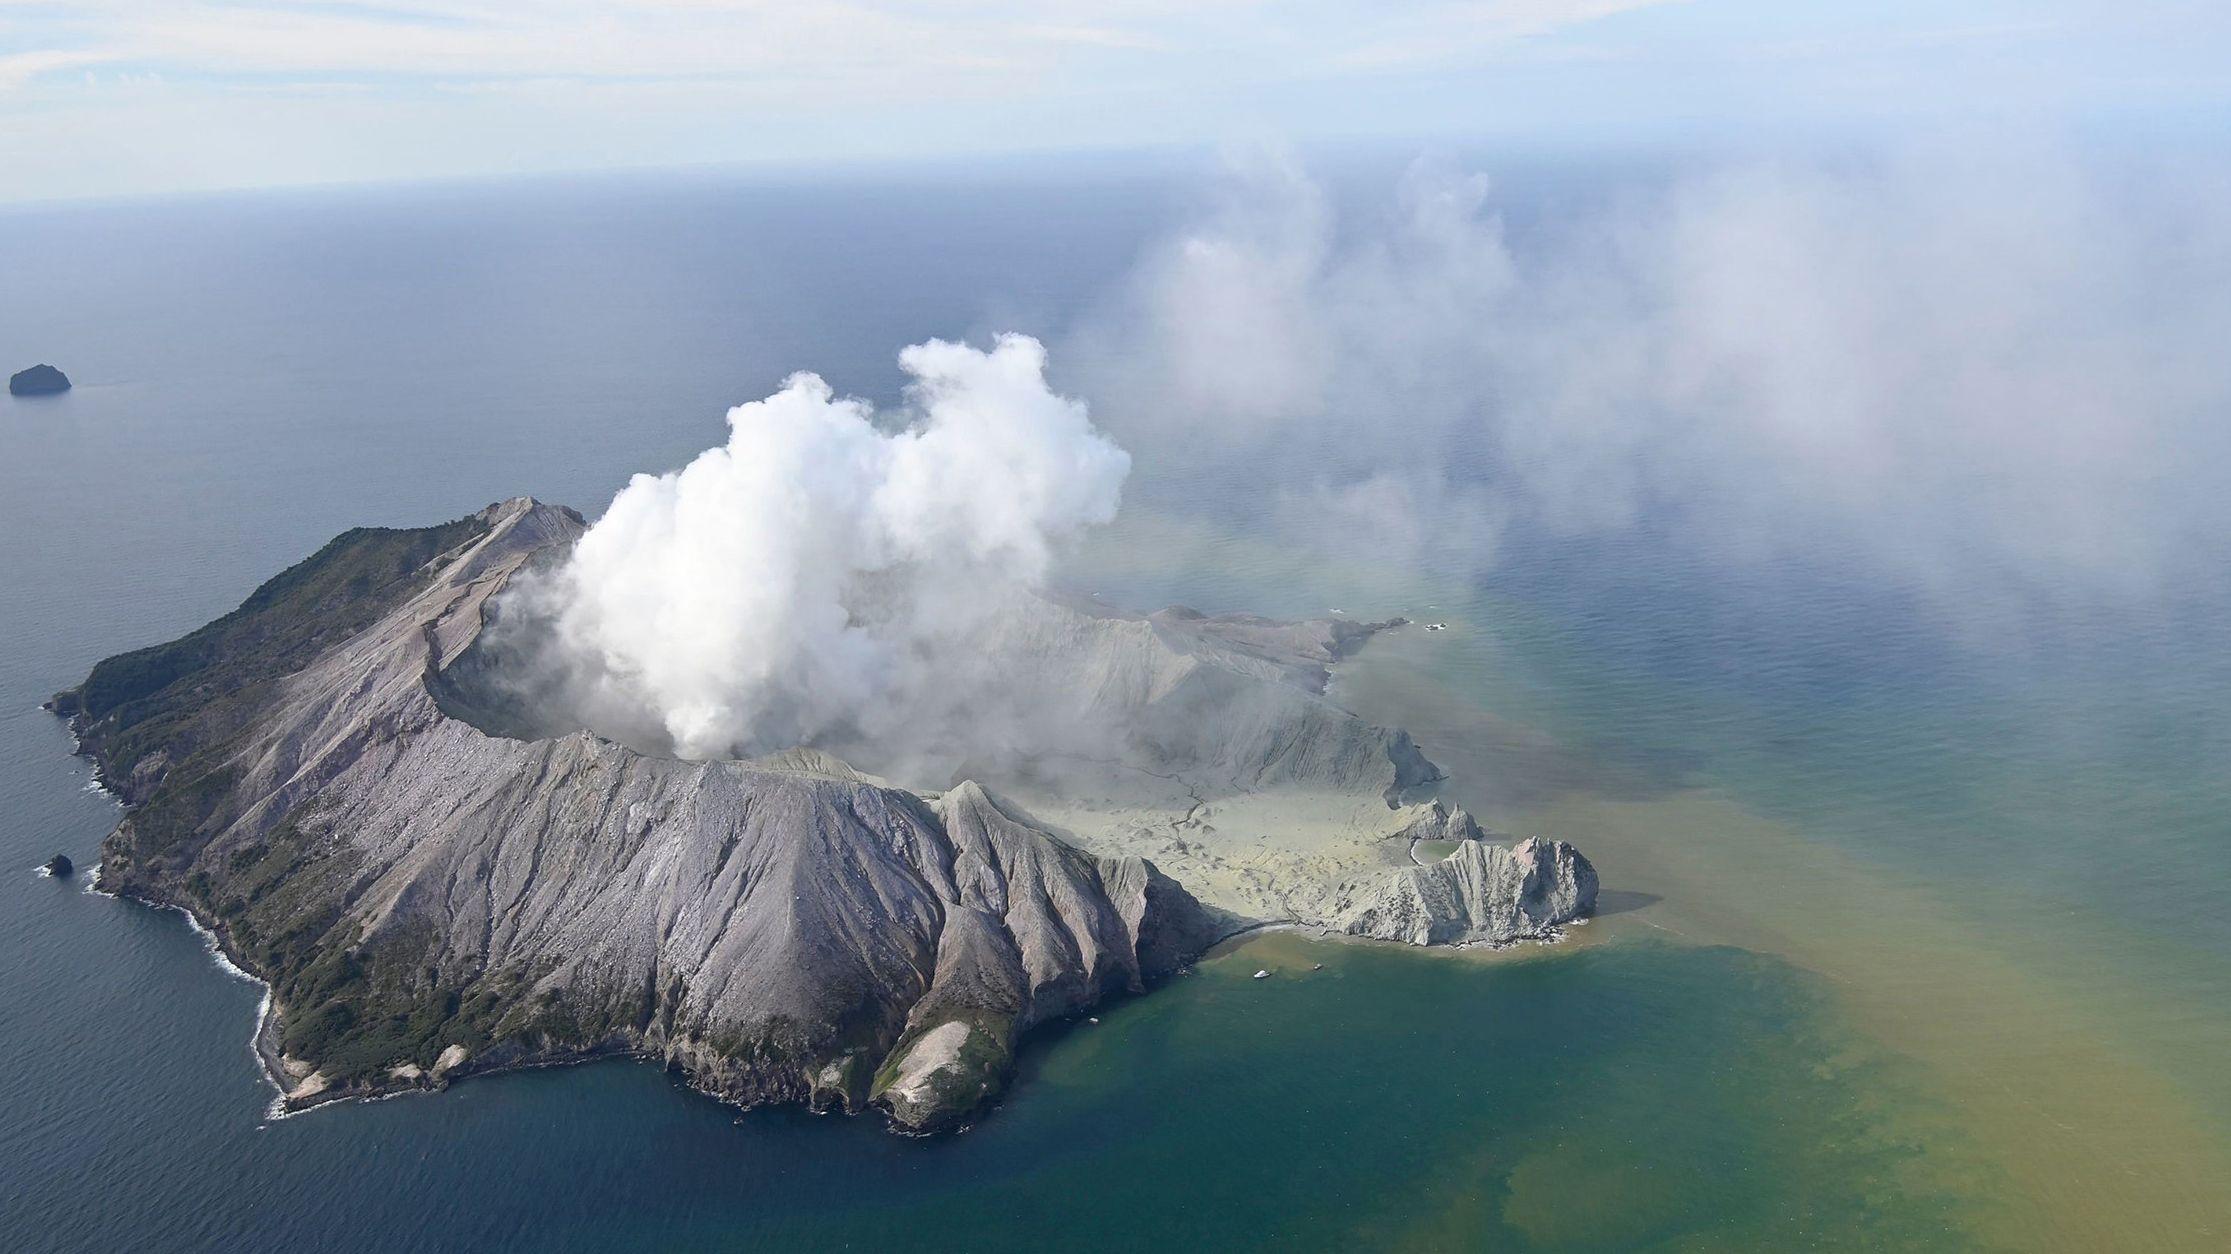 Neuseeland, White Island: White Island nach einem Vulkanausbruch. Nach einem Vulkanausbruch auf der neuseeländischen Insel White Island suchen die Rettungskräfte nach mehreren Vermissten.